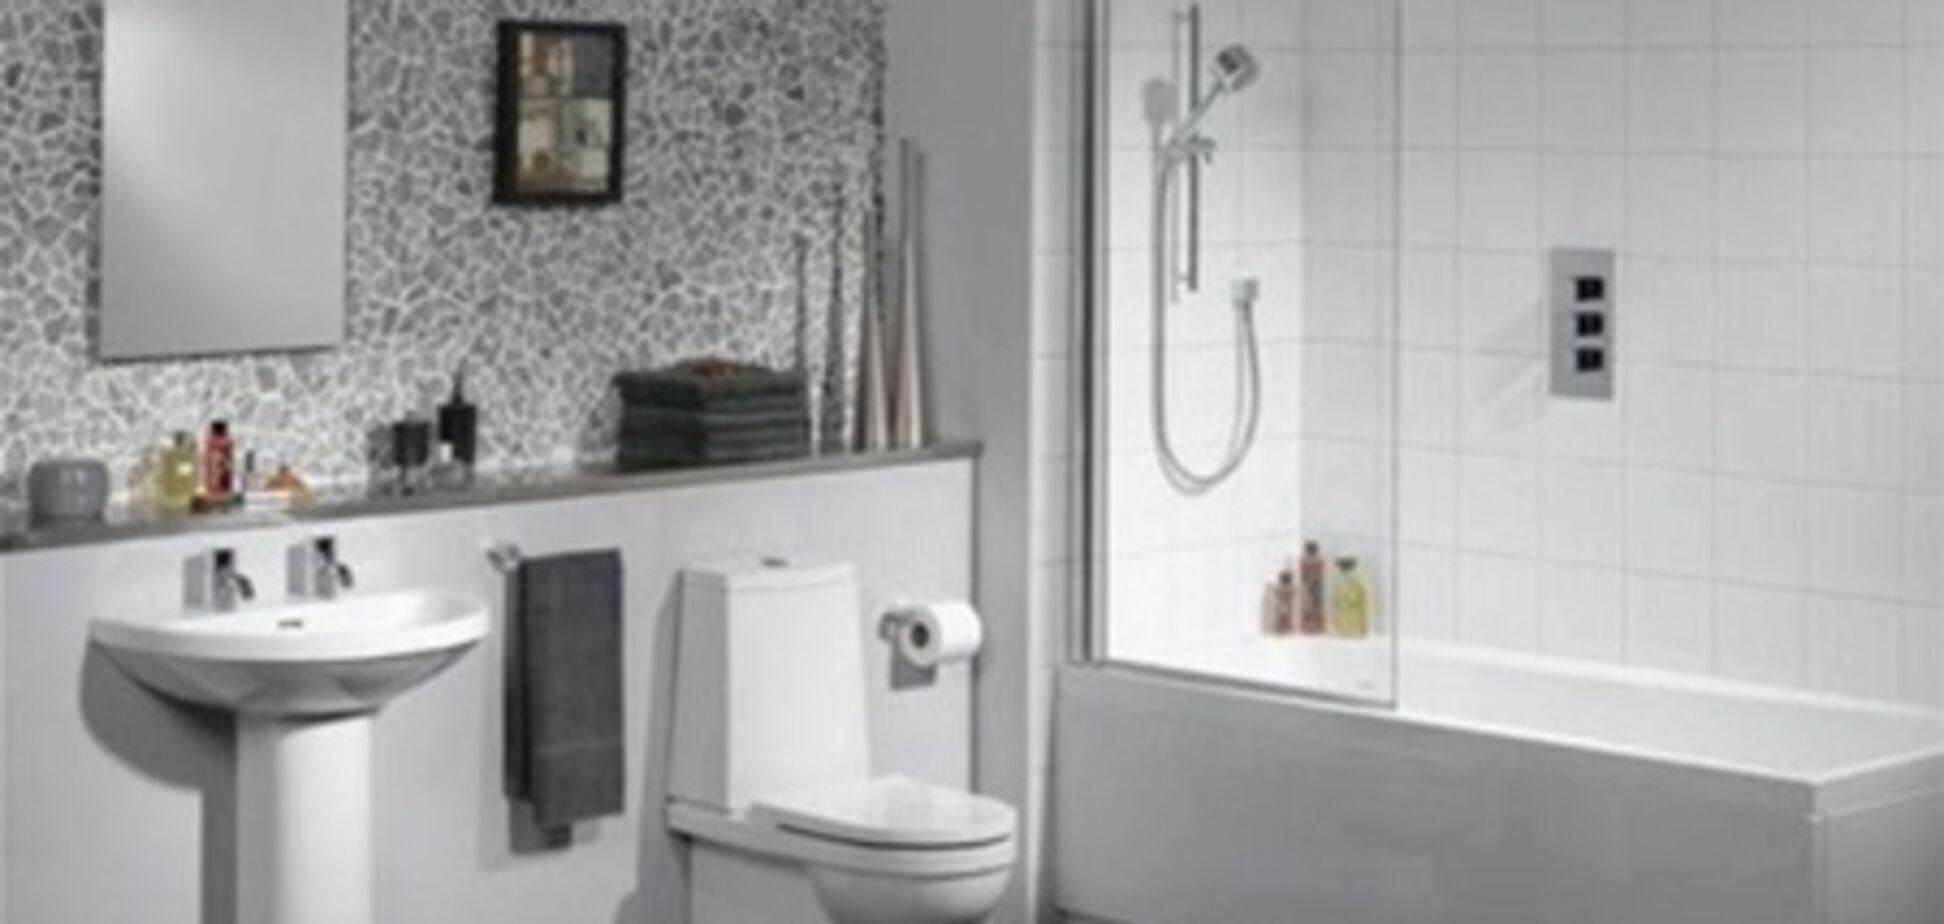 5 опасностей, которые скрываются в вашей ванной